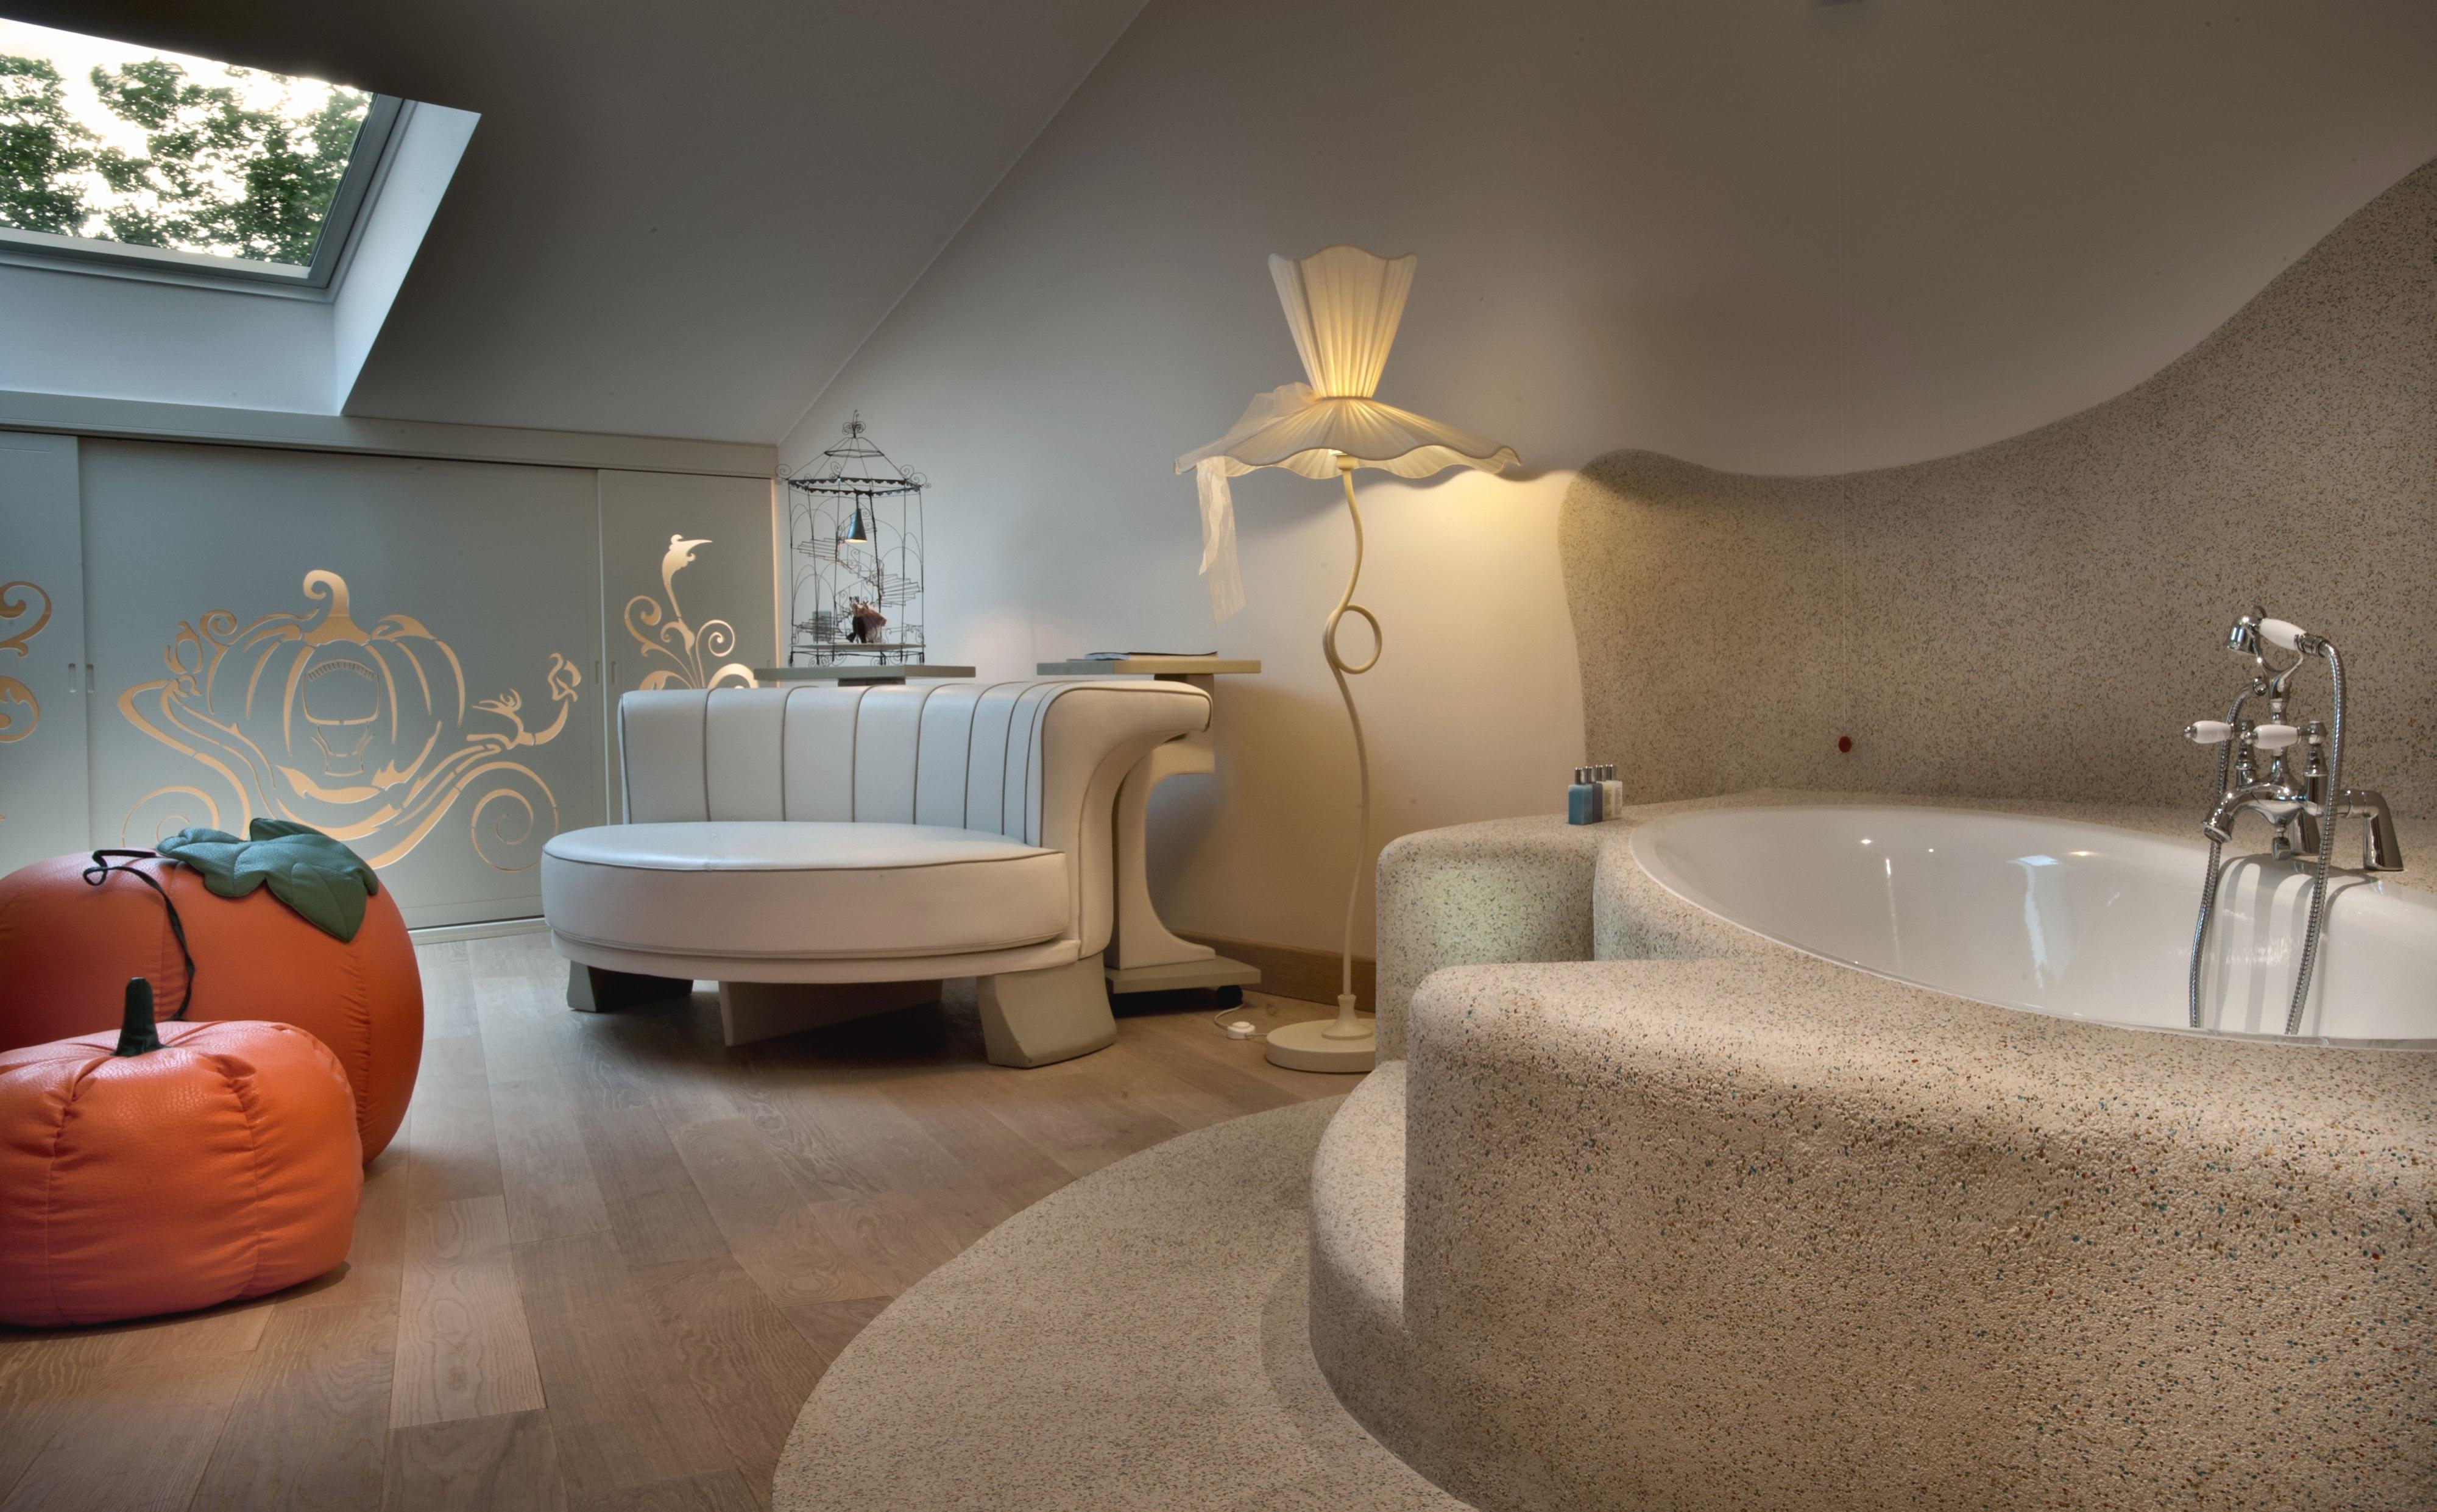 ch teau monfort mailand unterkunft reisetipps hotelreservierung und sehensw rdigkeiten. Black Bedroom Furniture Sets. Home Design Ideas